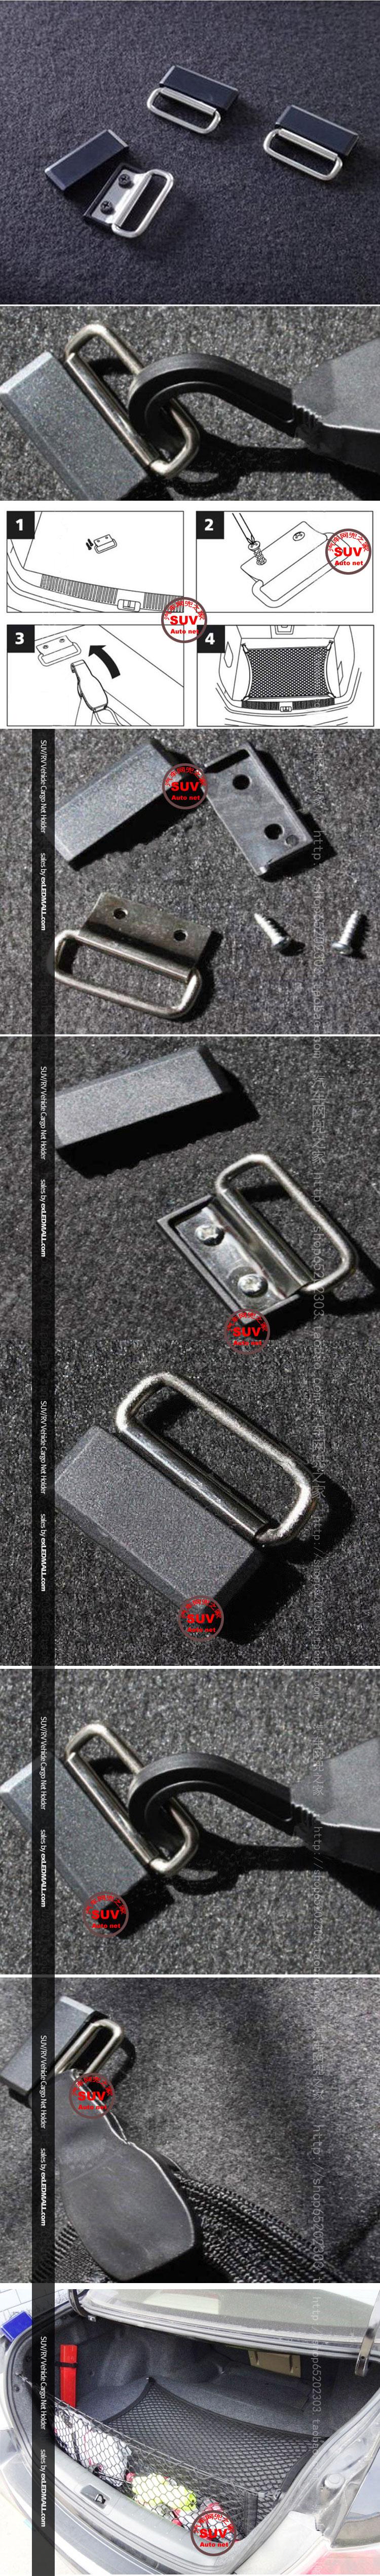 차량용 트렁크 네트 고정 후크  (직사각 피스고정형)